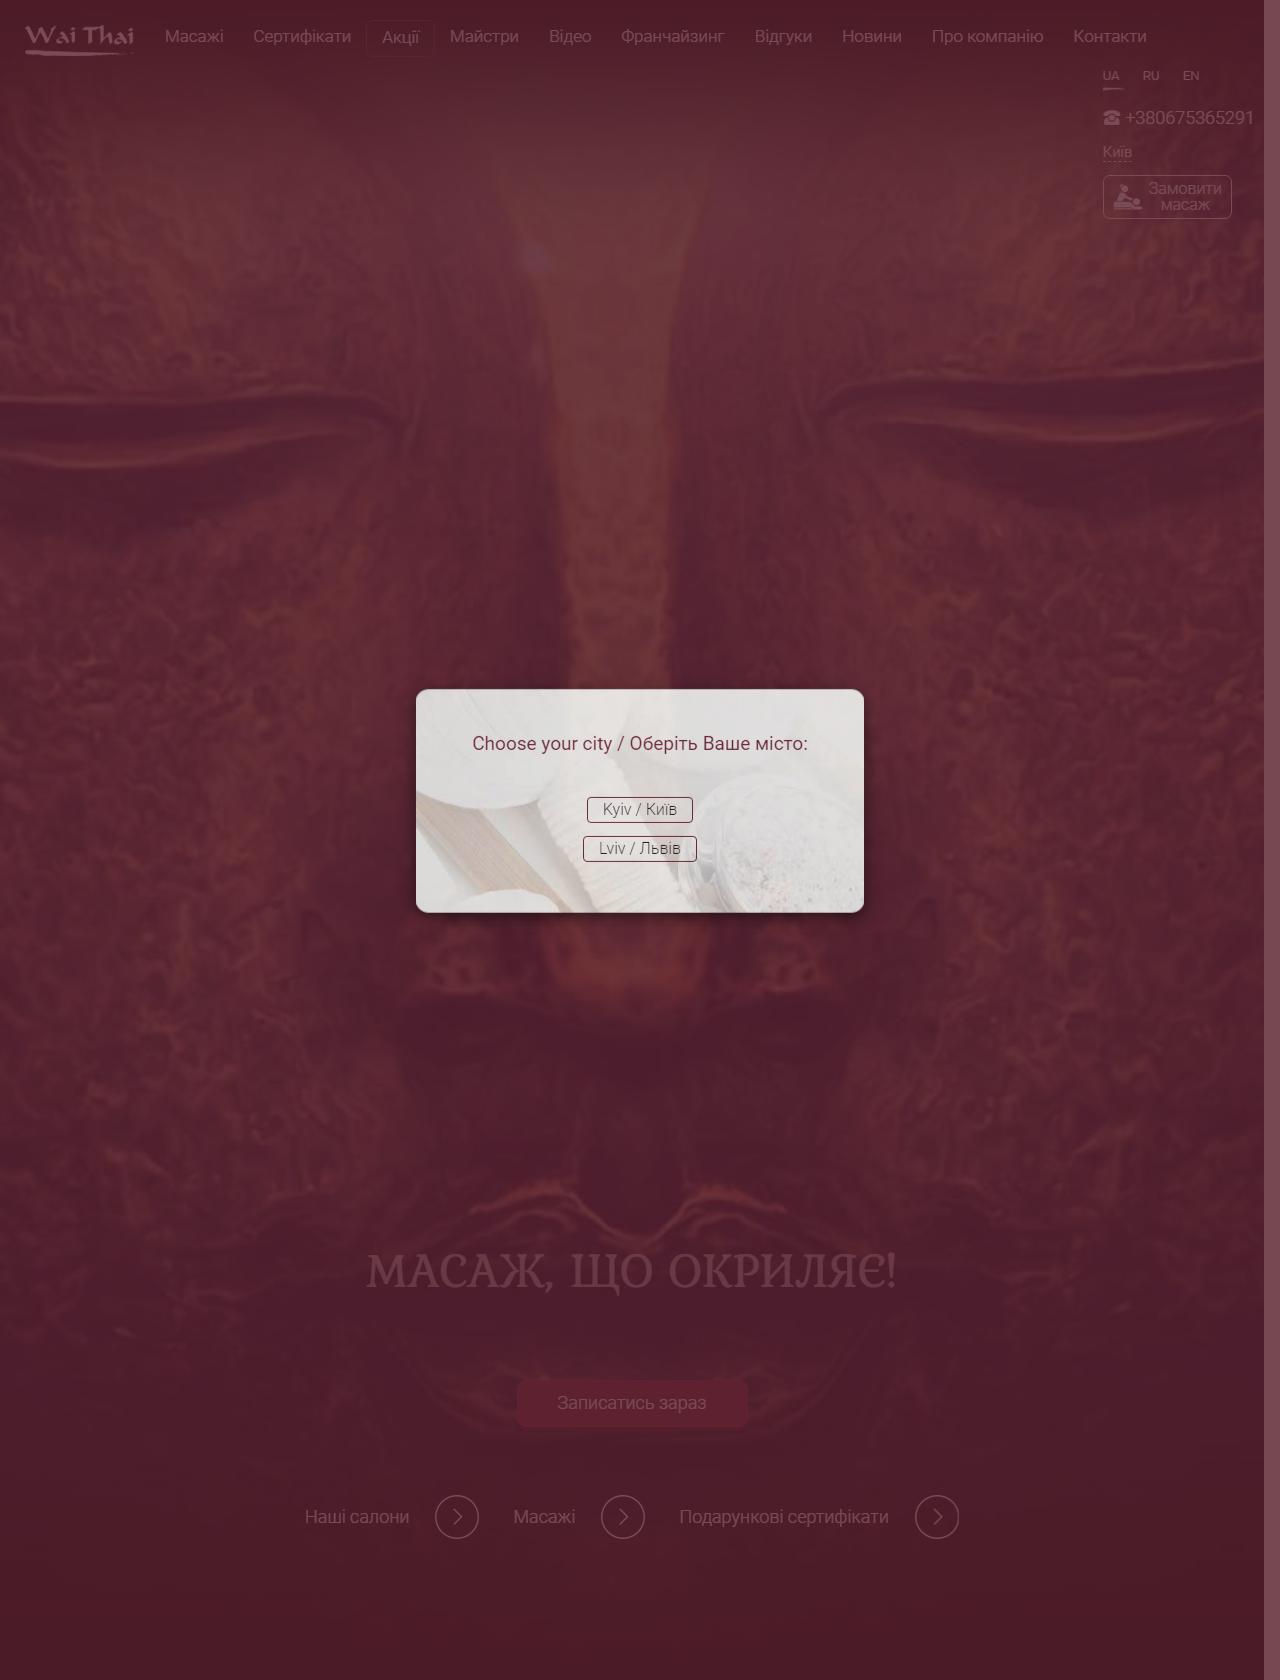 Screenshot Desktop - https://waithai.ua/